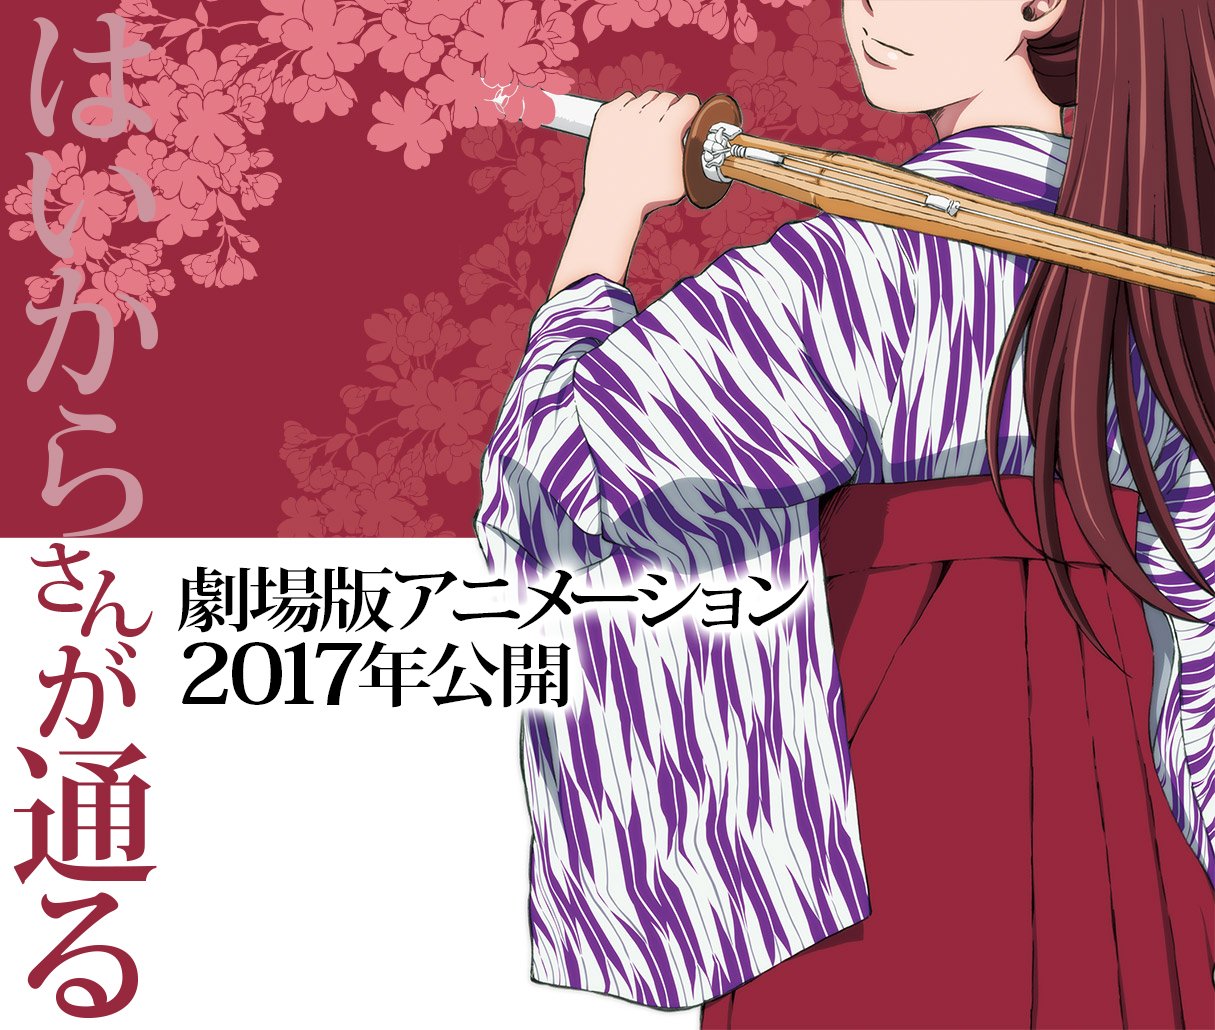 160601 - 漫畫家「大和和紀」出道50周年紀念、大正版亂世佳人《窈窕淑女》將在2017年上映劇場版動畫!